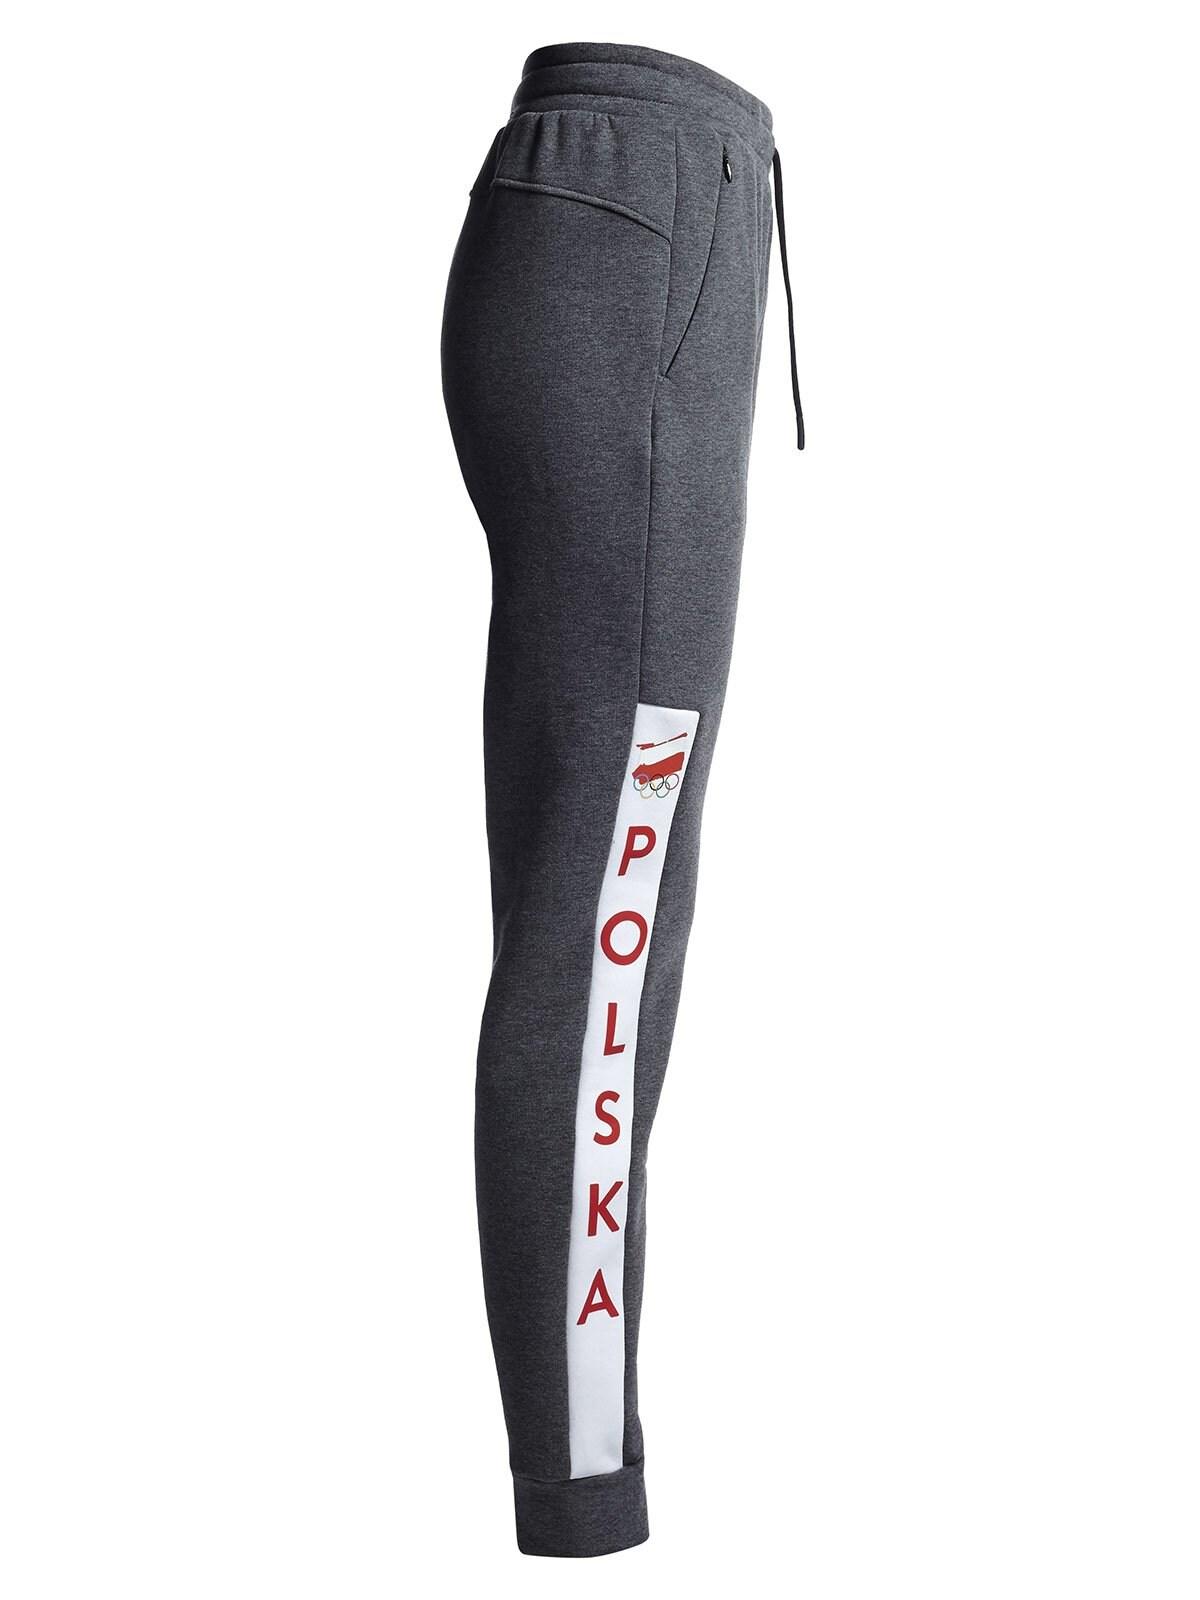 Spodnie dresowe damskie Polska Pyeongchang 2018 SPDD901 - szary melanż